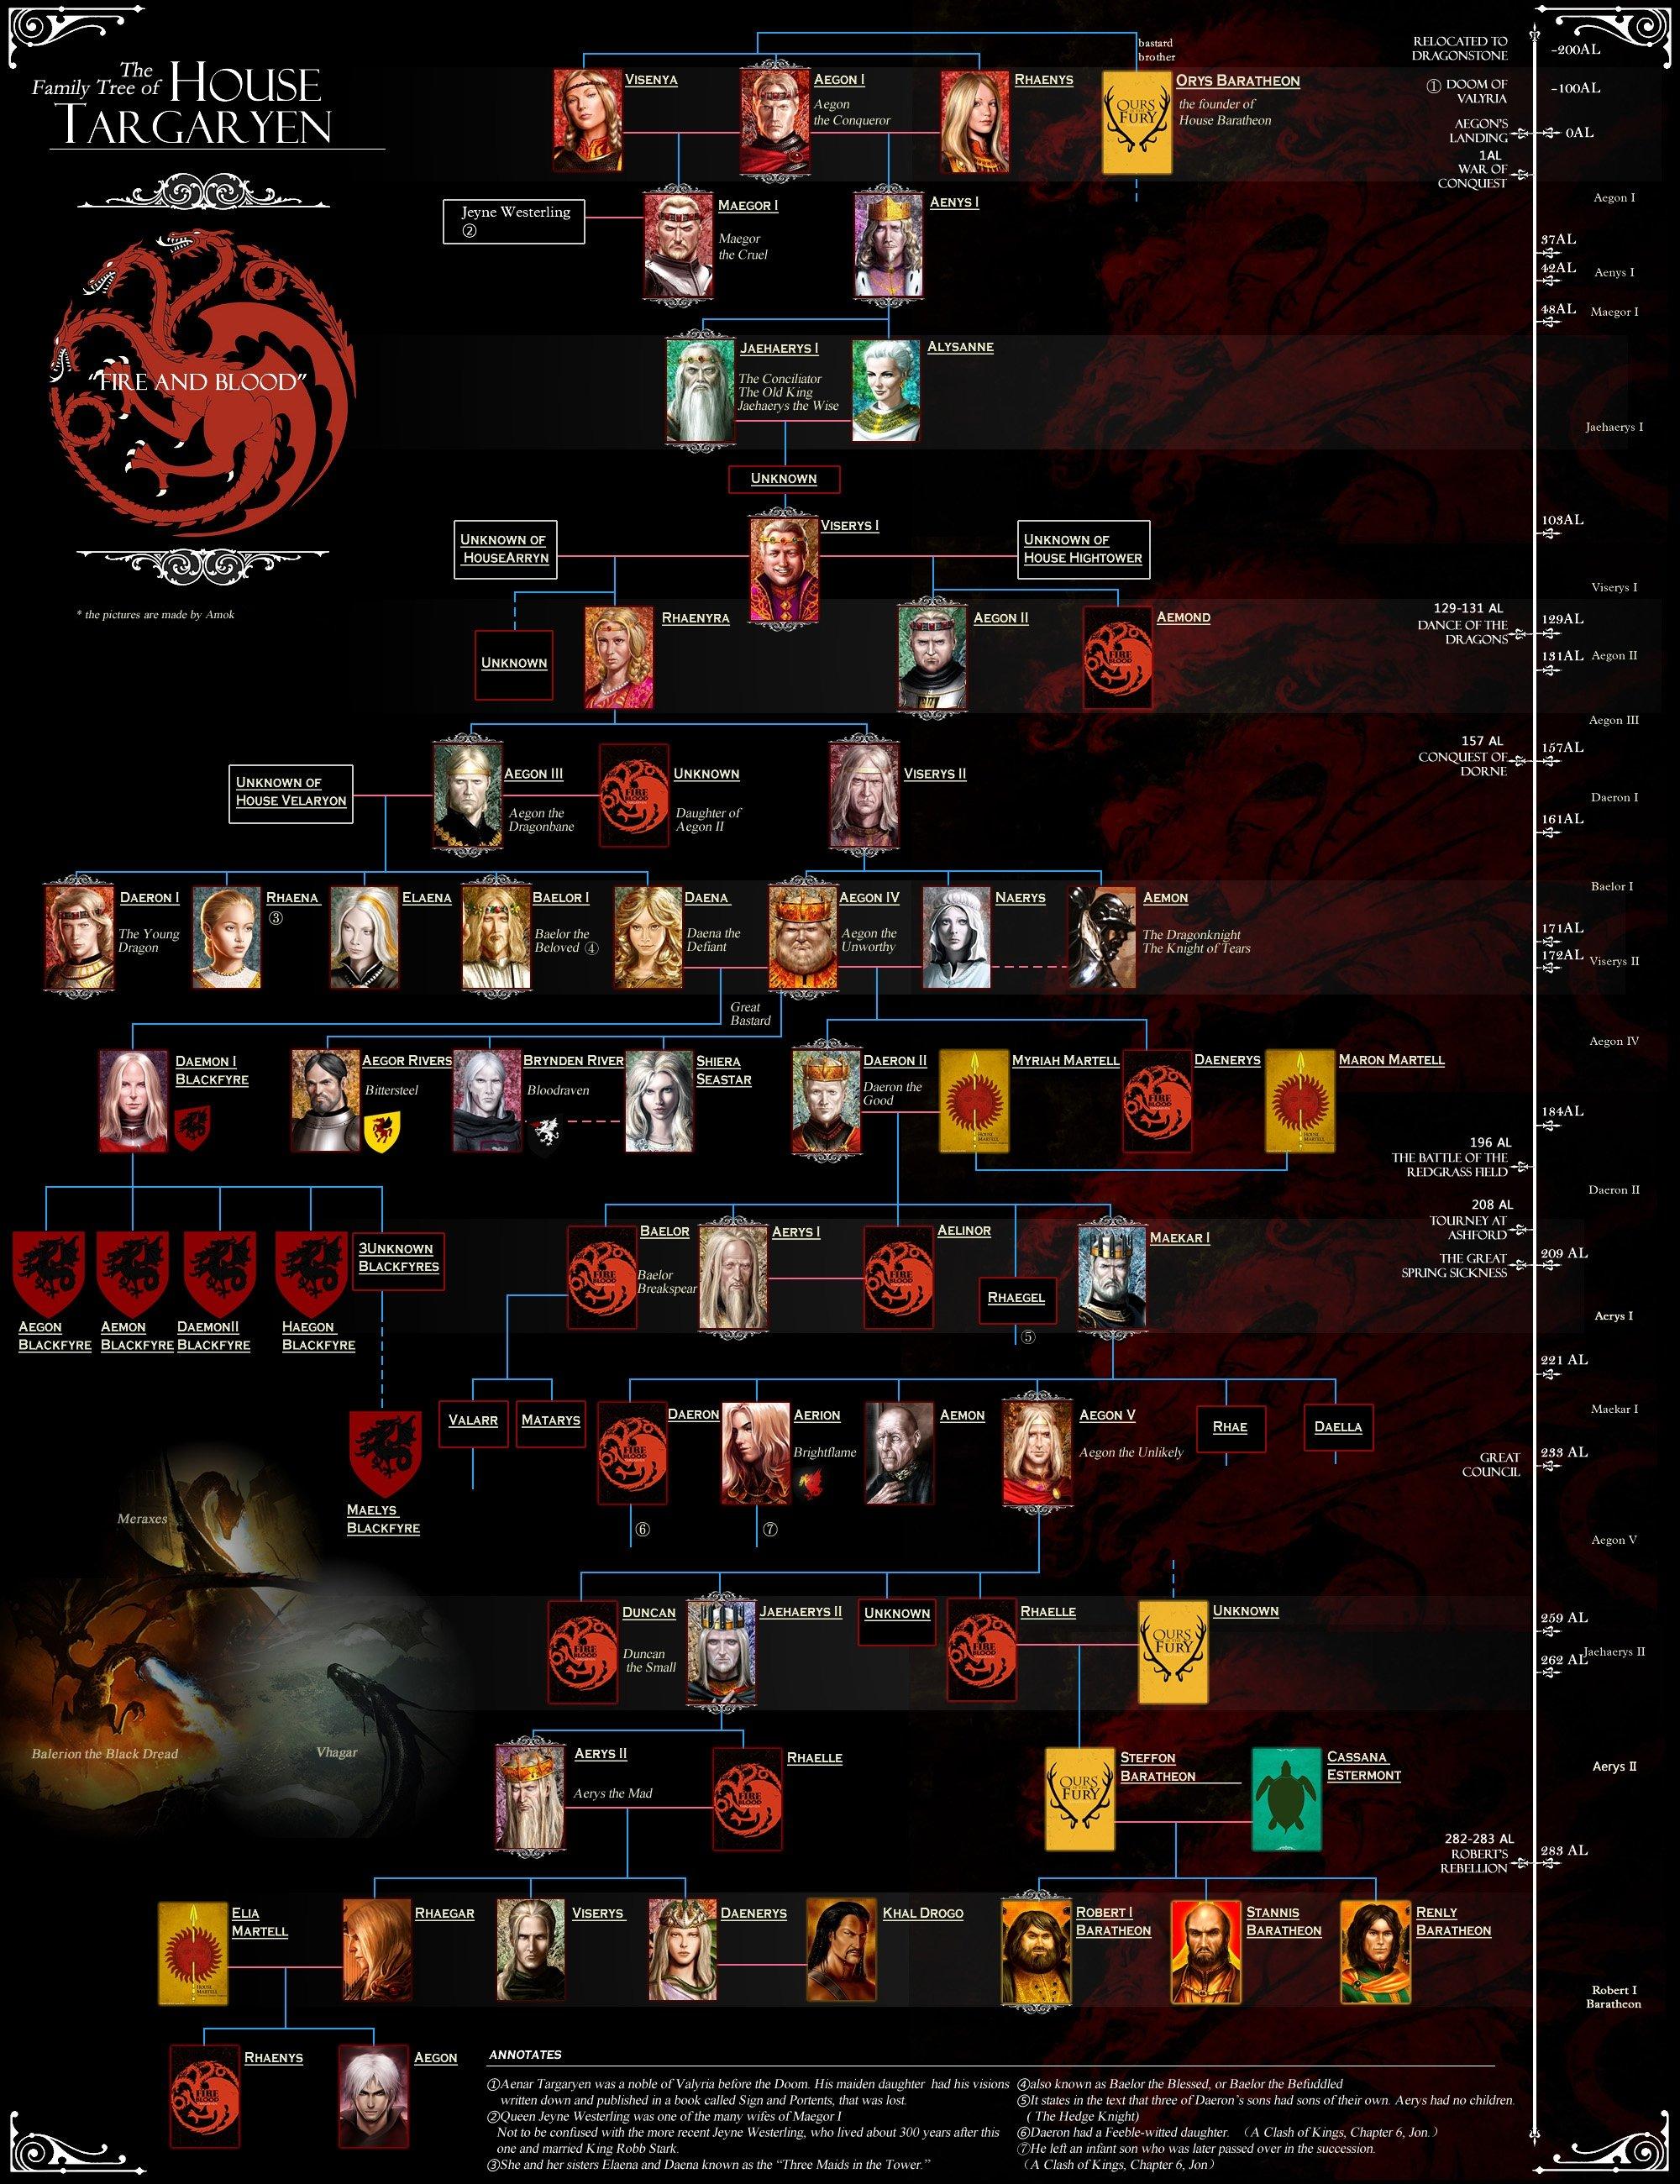 Assassin's Creed Family Tree : assassin's, creed, family, Targaryen, Family, Nexus